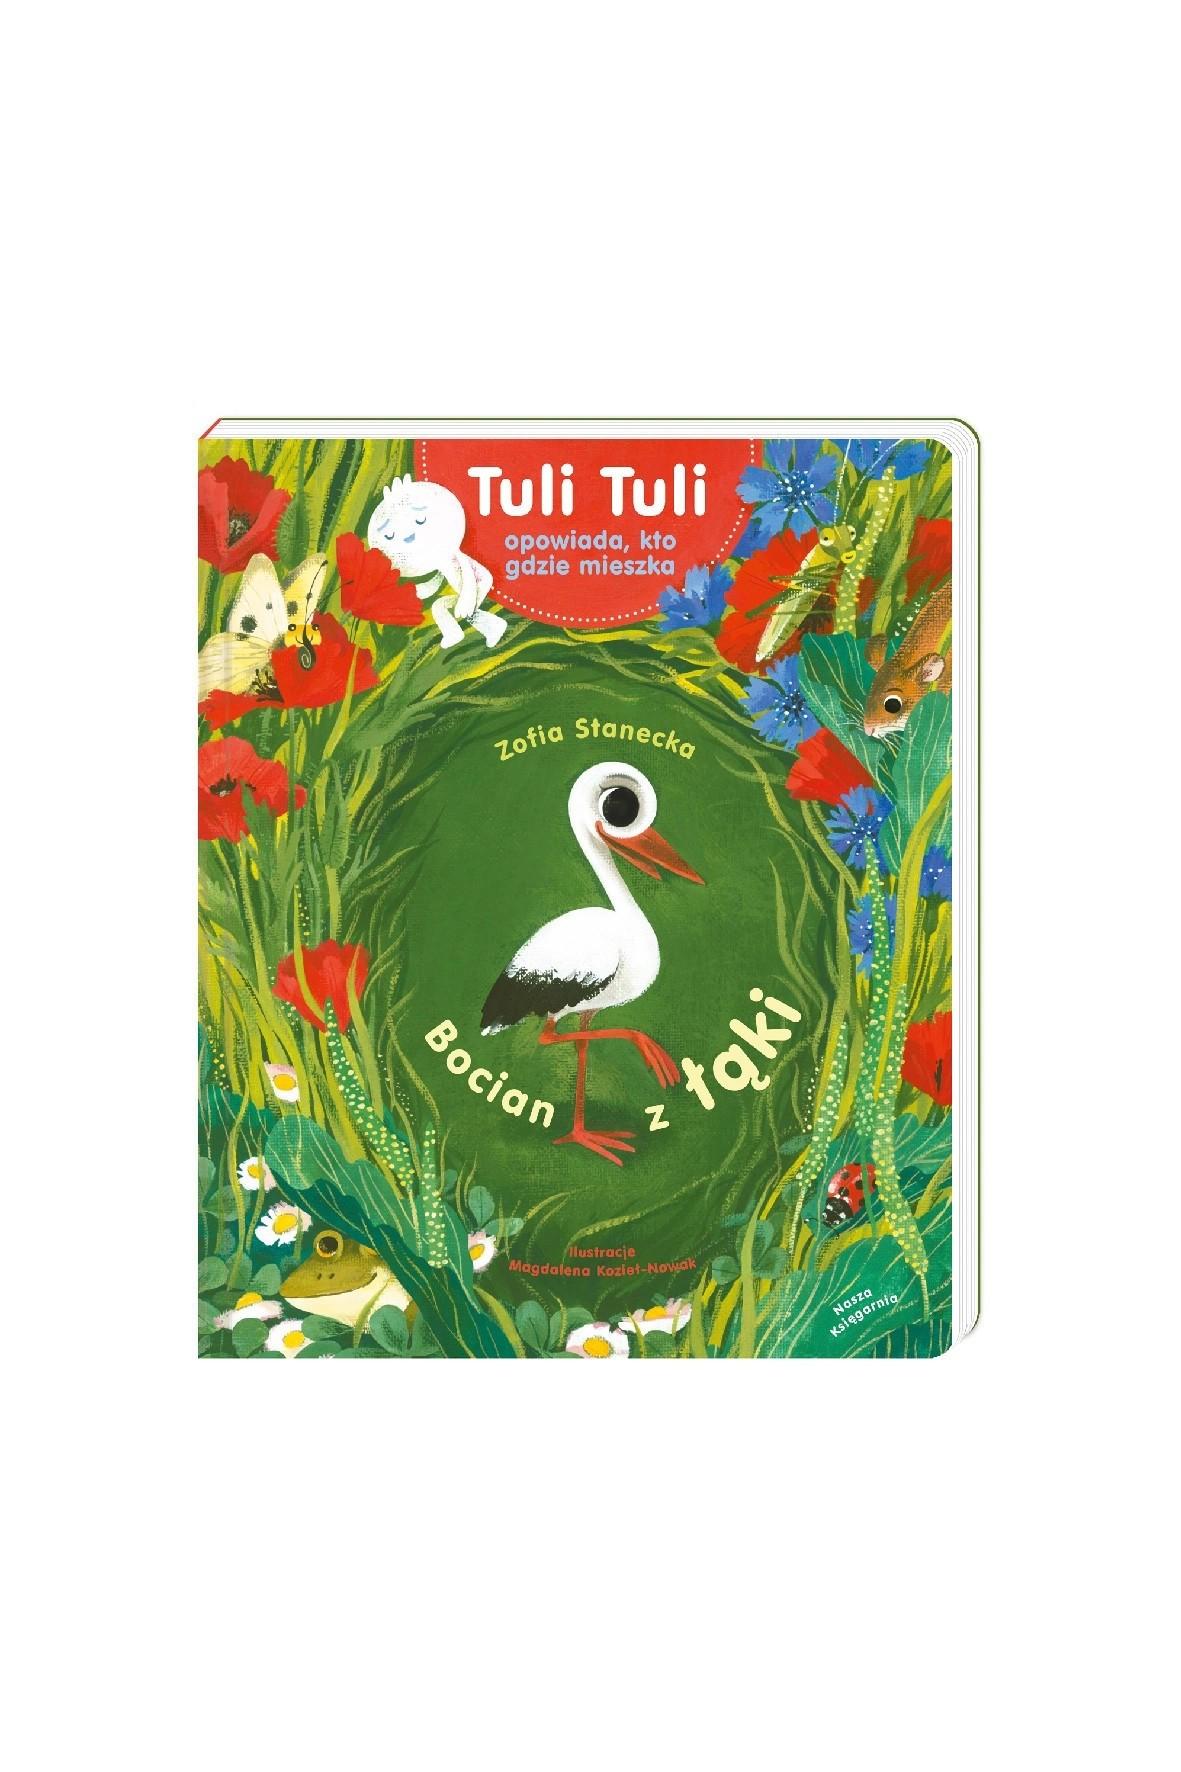 Książka dla dzieci- Tuli Tuli opowiada, kto gdzie mieszka. Bocian z łąki